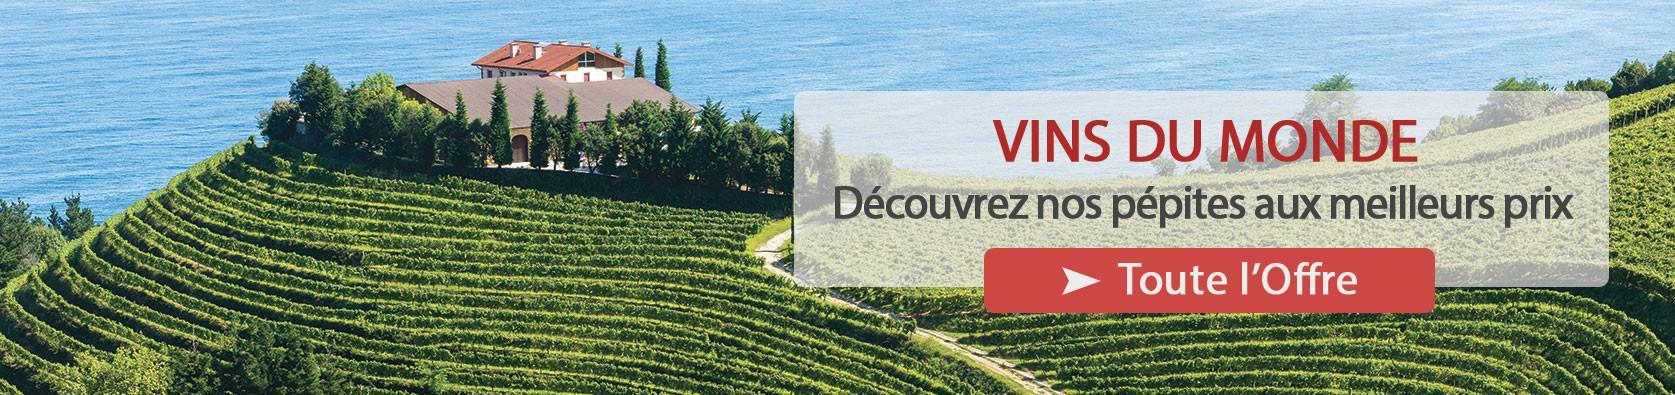 Découvrez notre sélection de vins étrangers